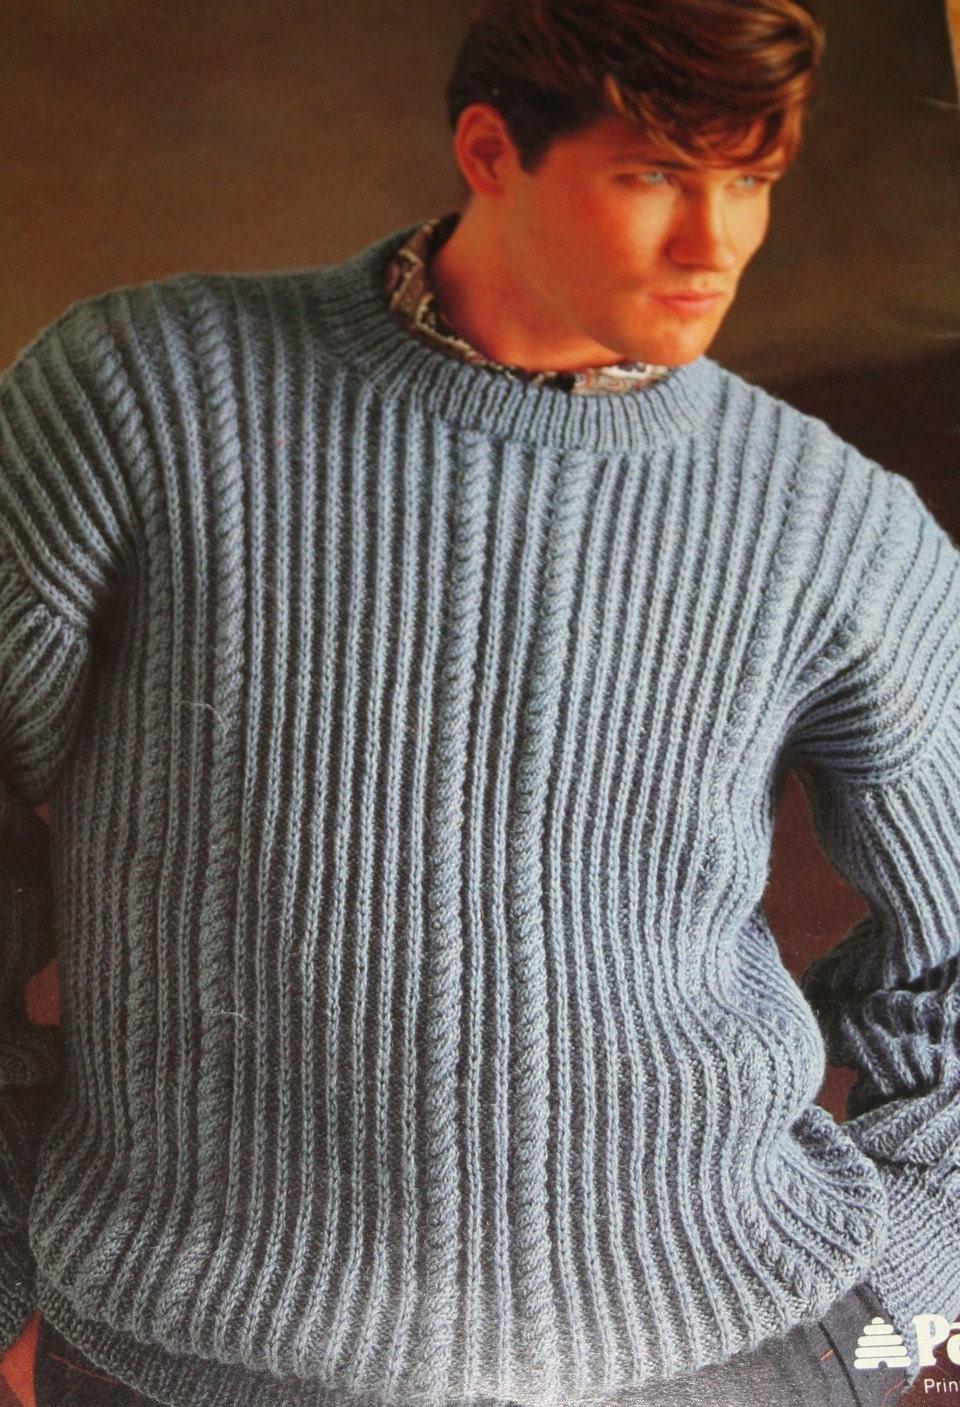 Knitting Patterns Sweaters Men Women Dk Weight Yarn